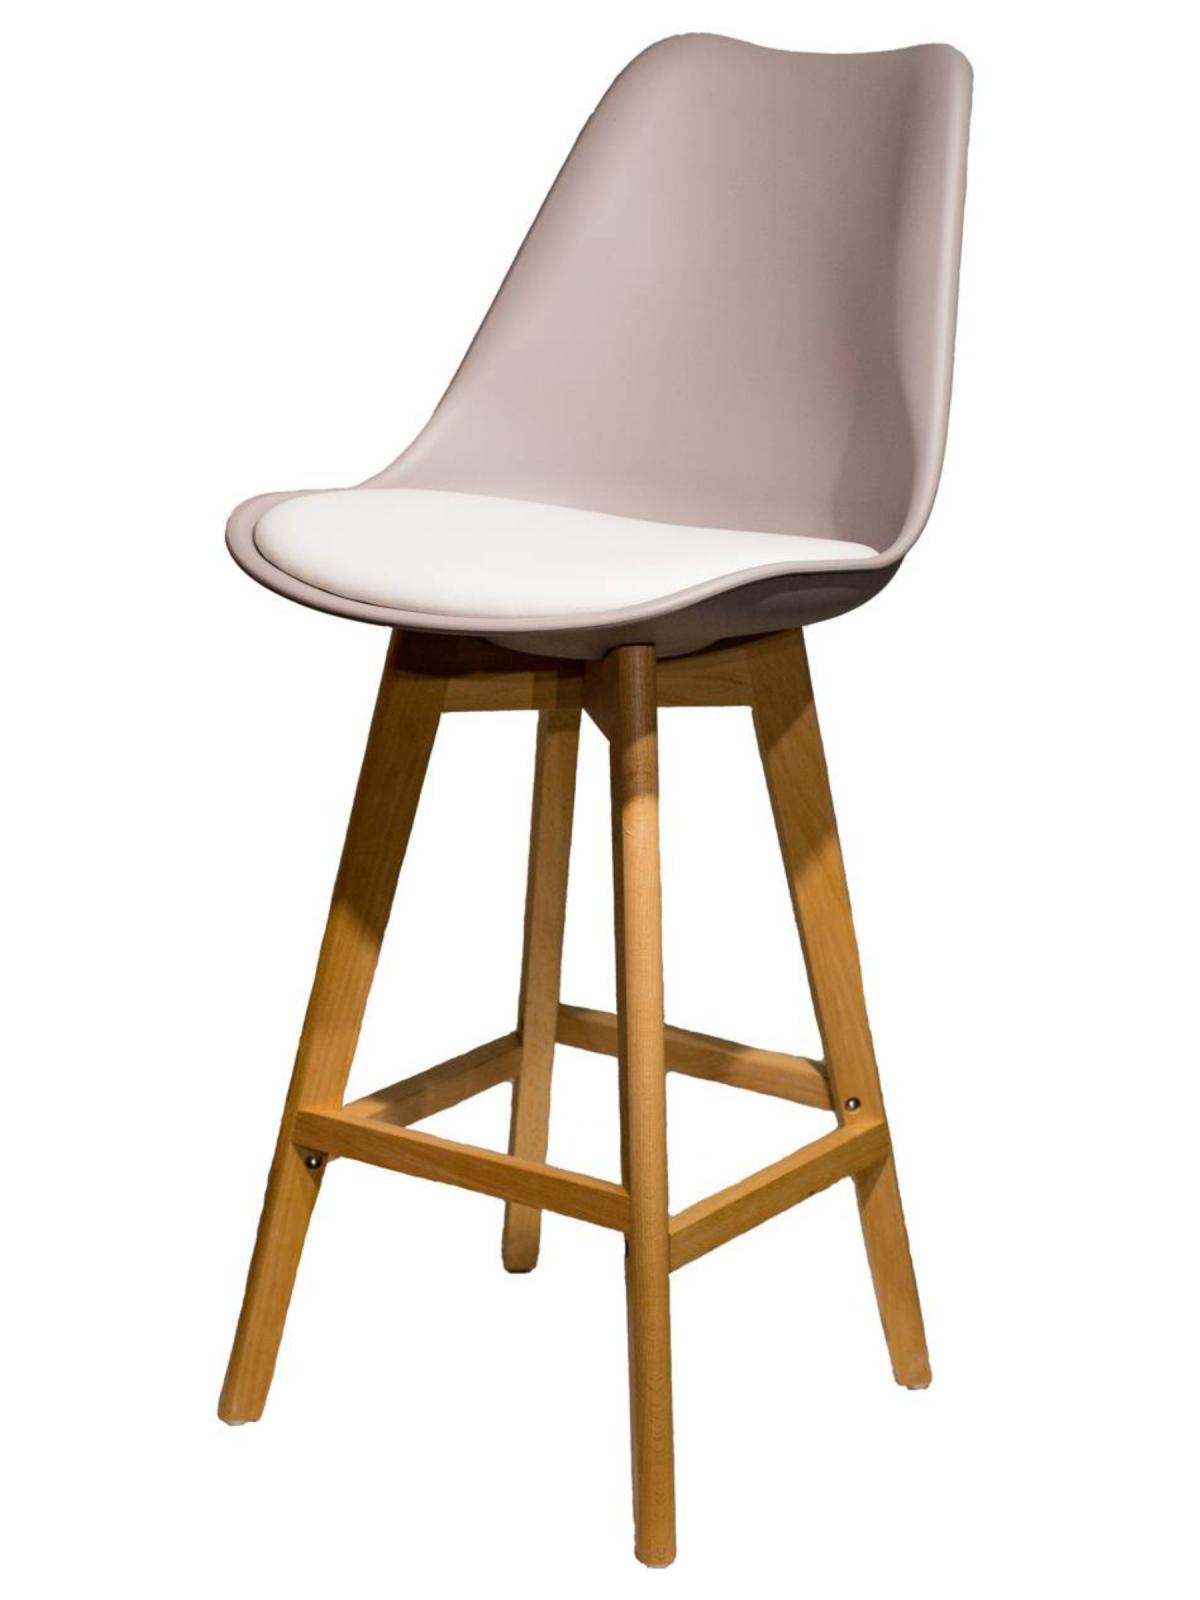 Купить барный стул Sephi Bar в Raroom